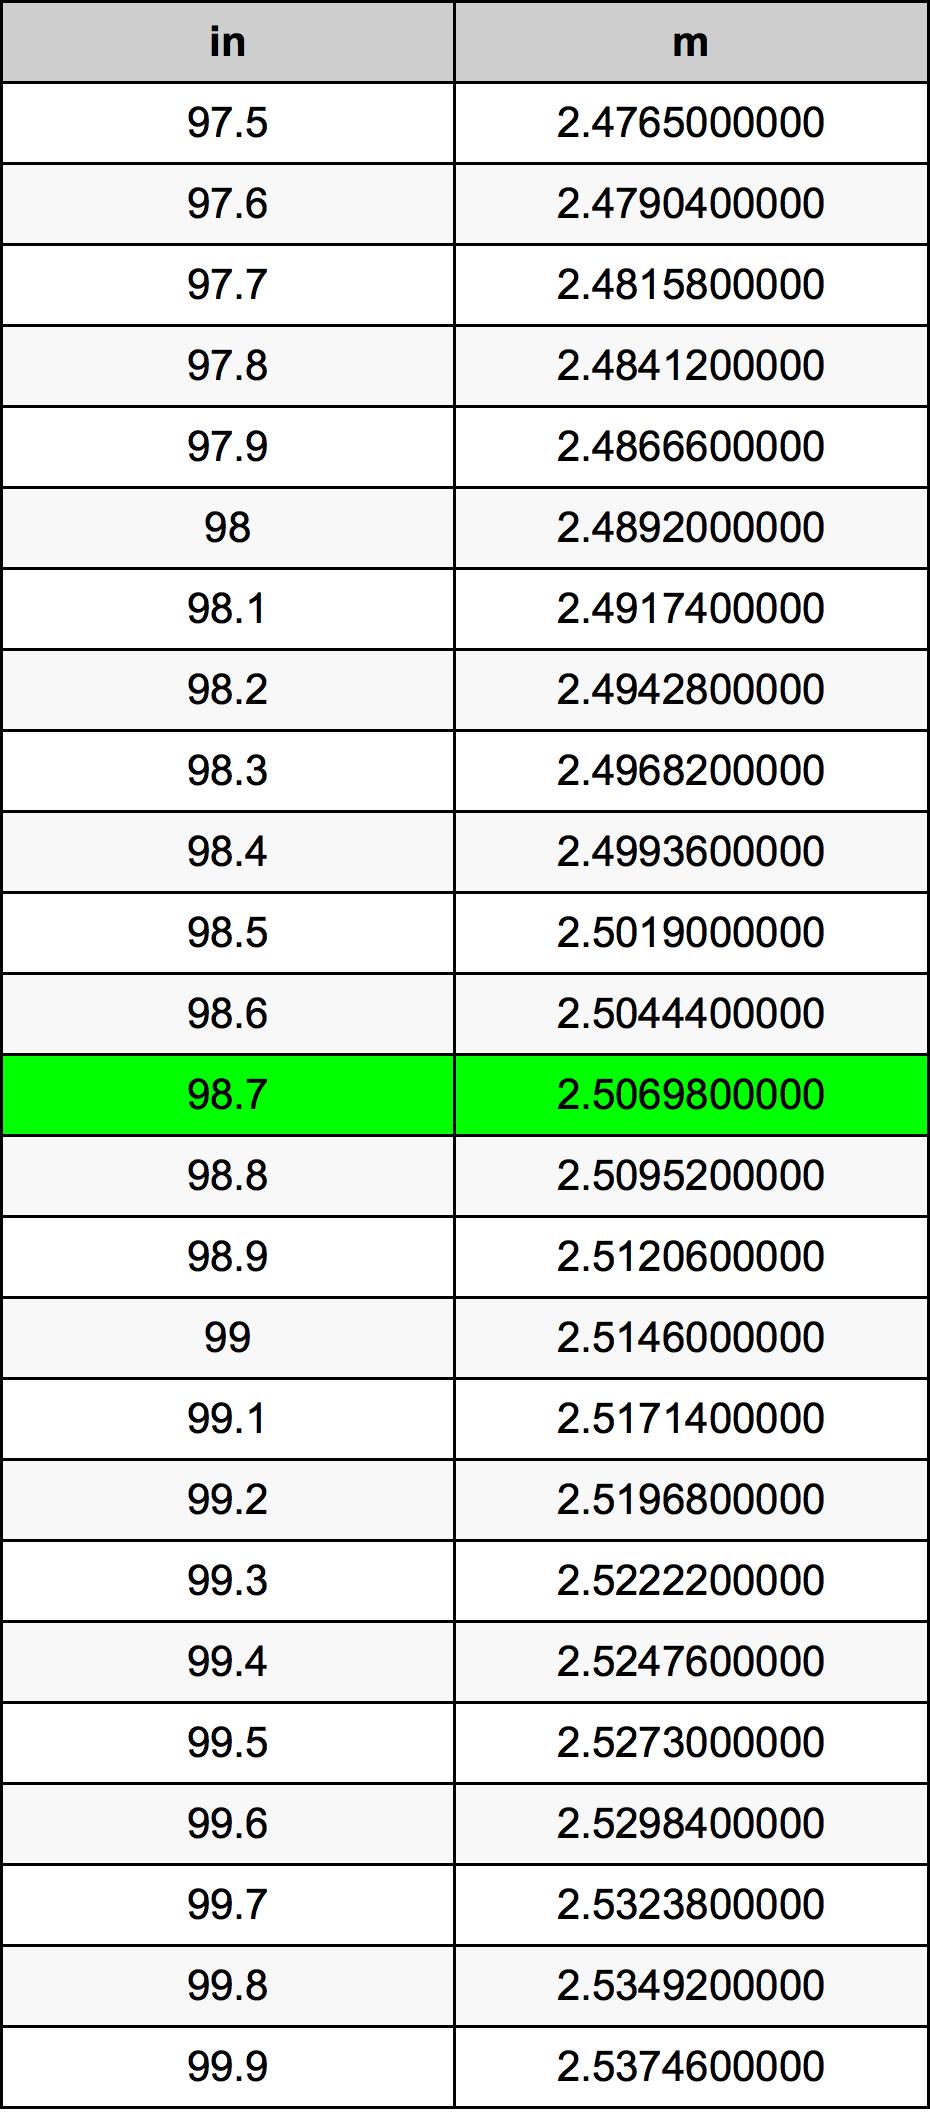 98.7 Inch bảng chuyển đổi